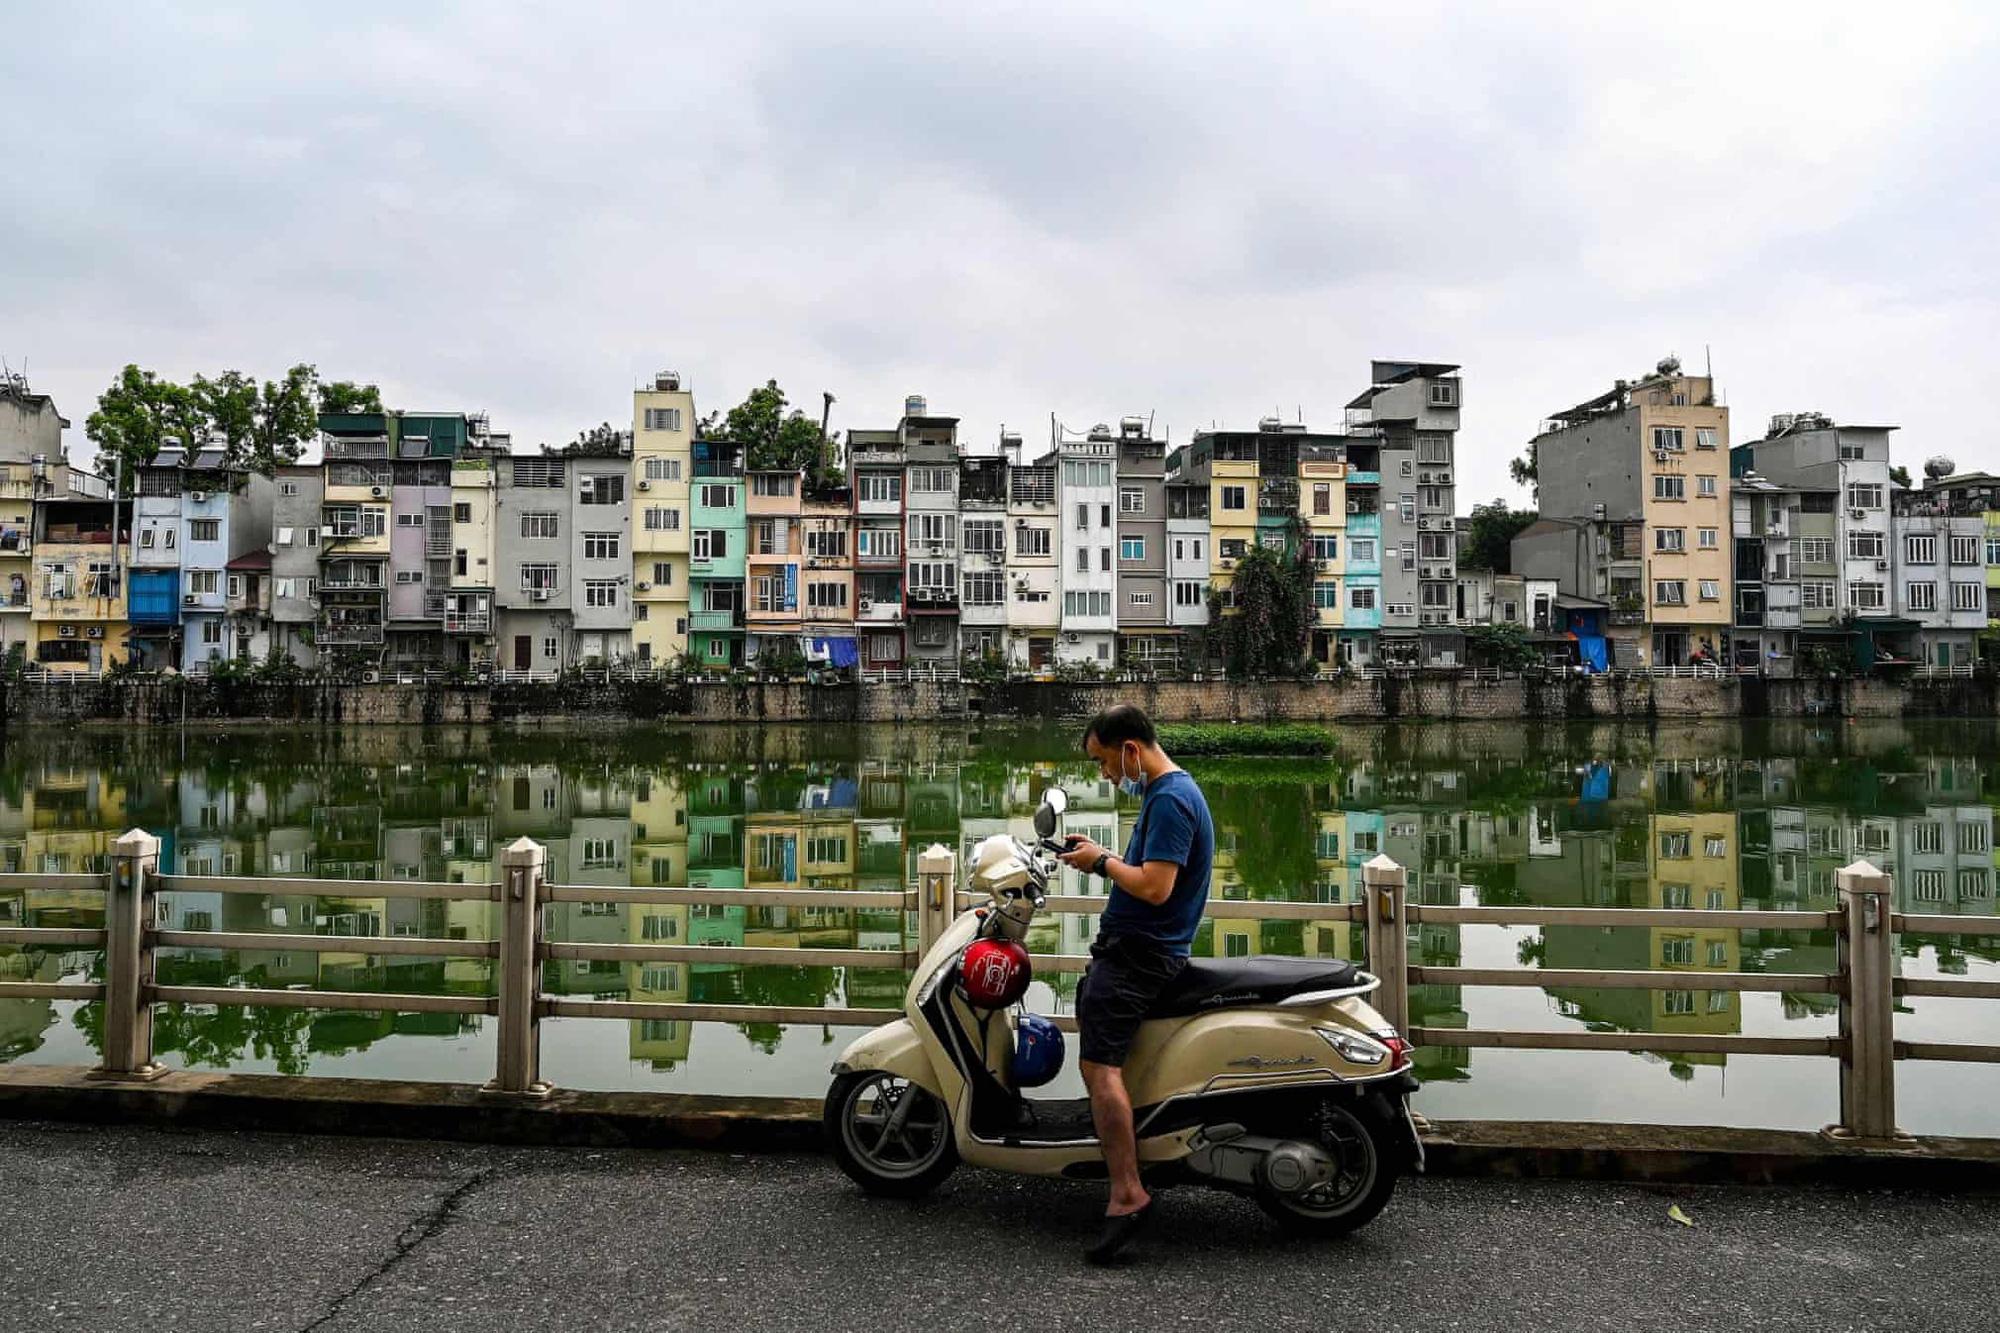 Nhà ống ở Hà Nội lên báo nước ngoài - Ảnh 7.